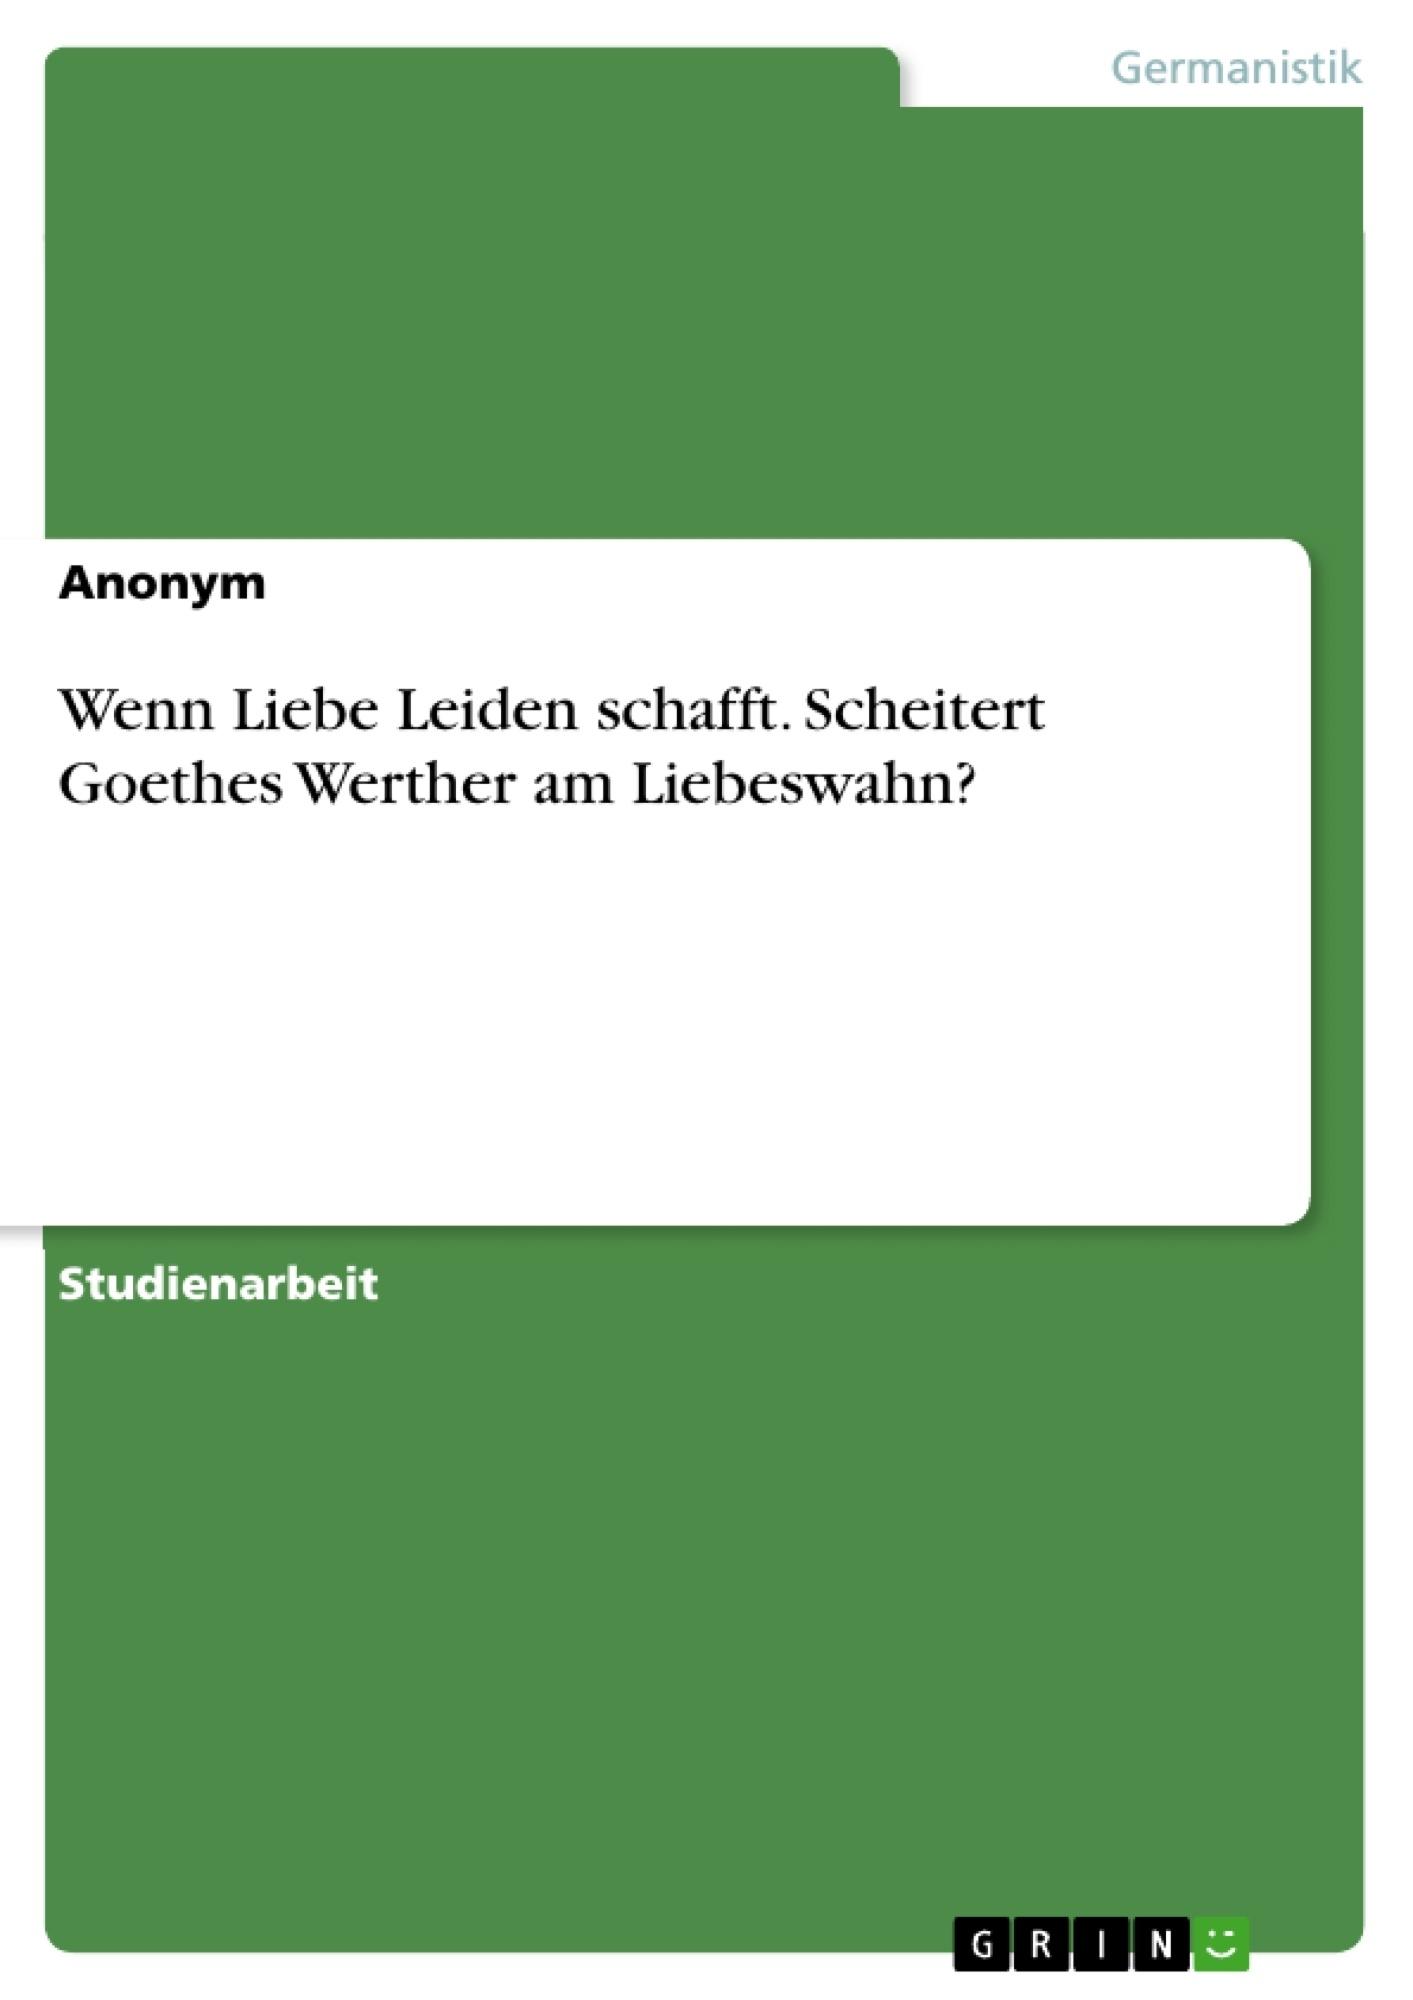 Titel: Wenn Liebe Leiden schafft. Scheitert Goethes Werther am Liebeswahn?